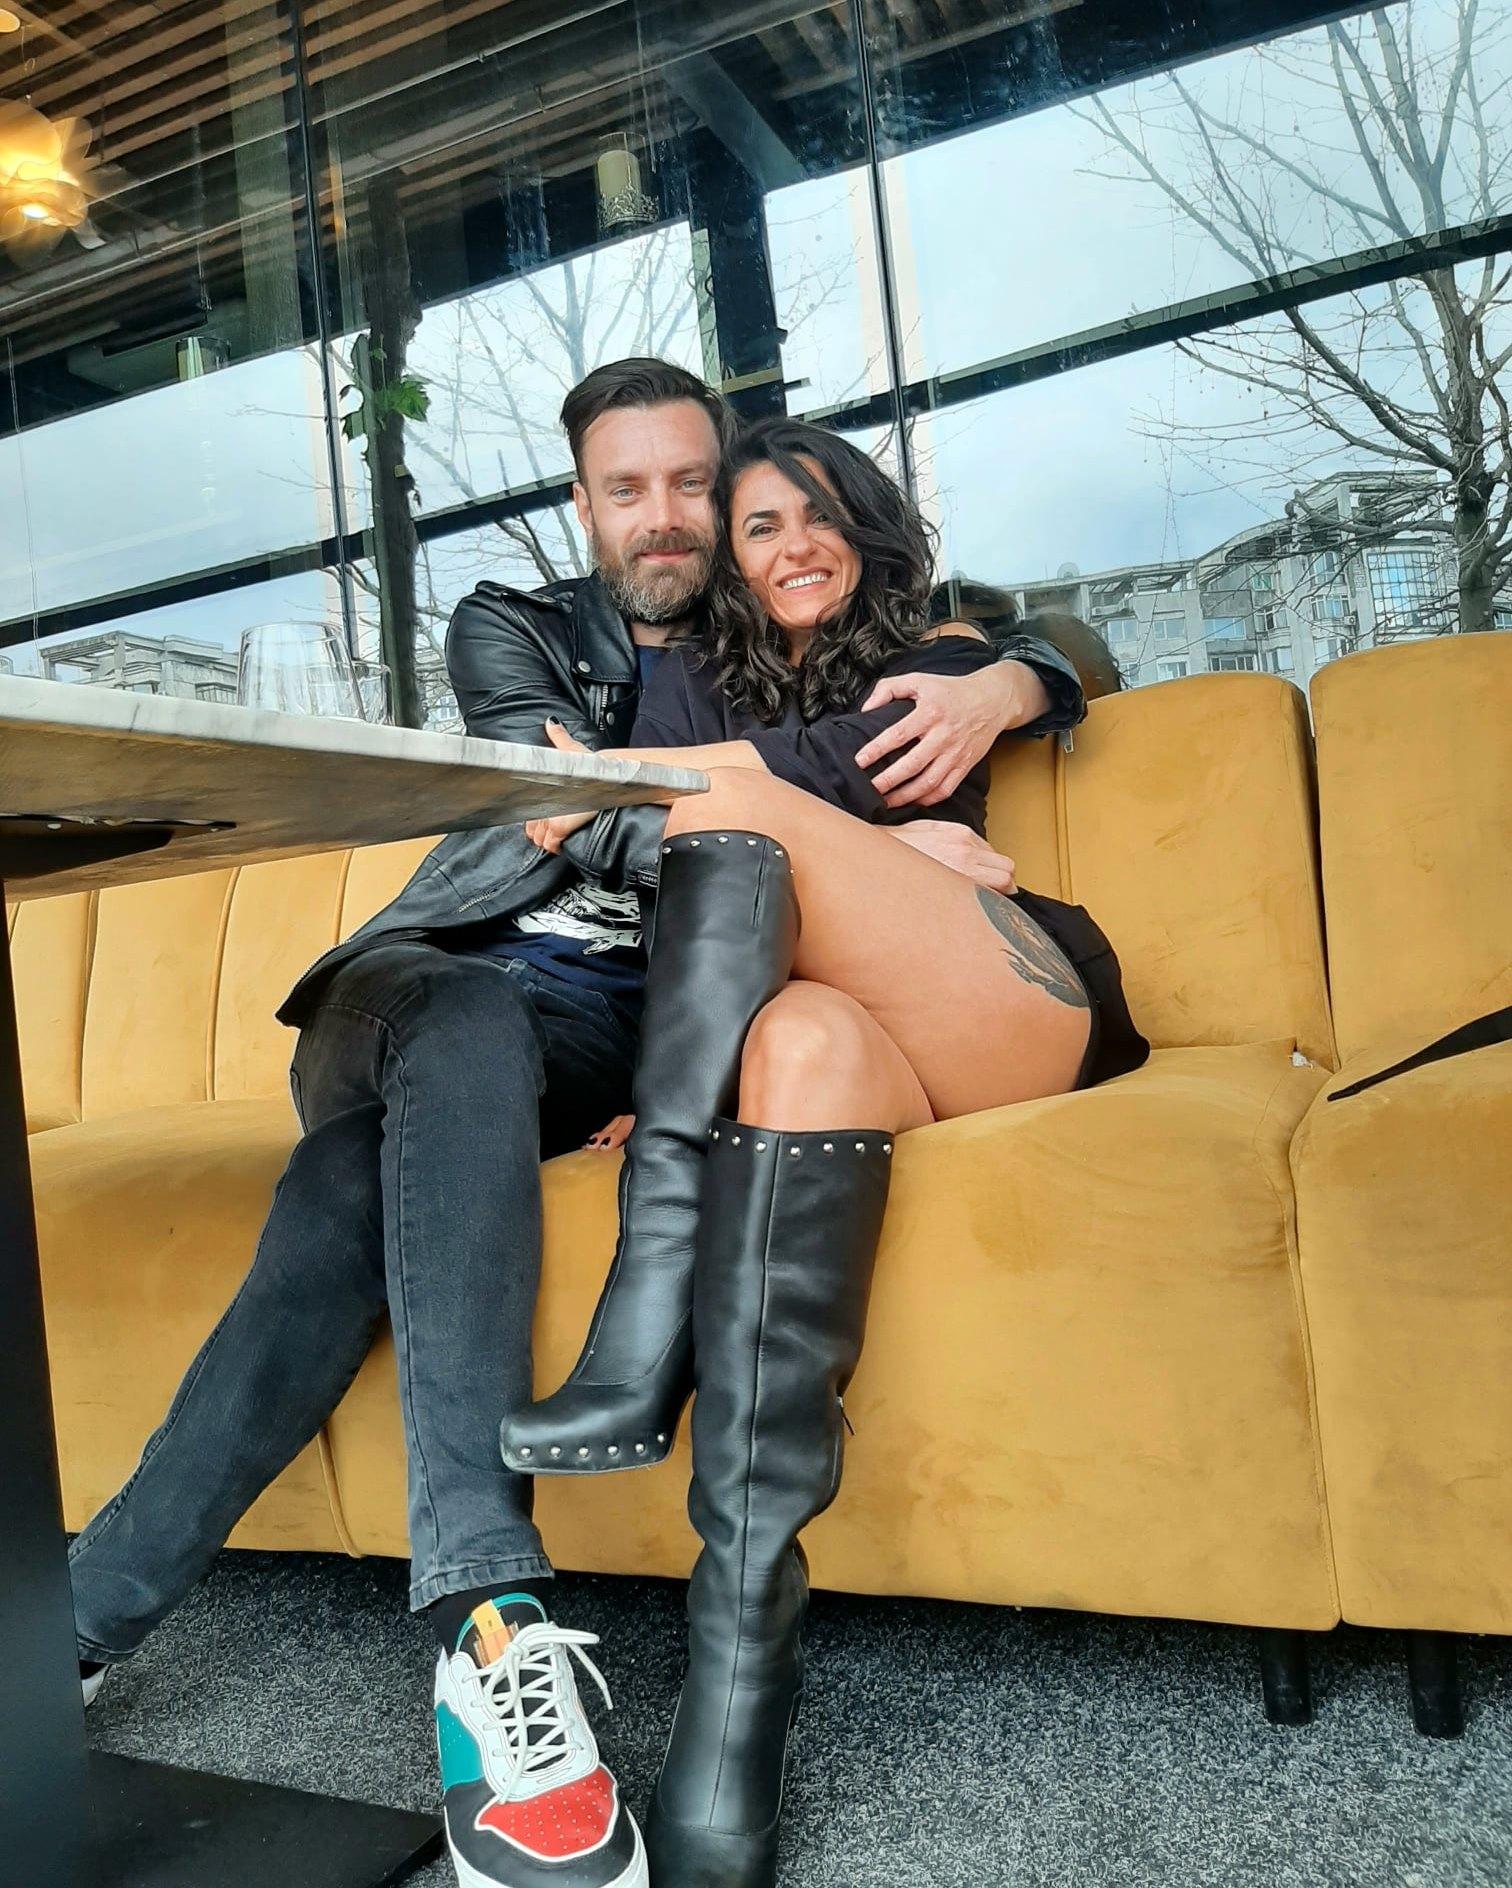 Fosta soție a lui Mădălin Ionescu și noul ei iubit